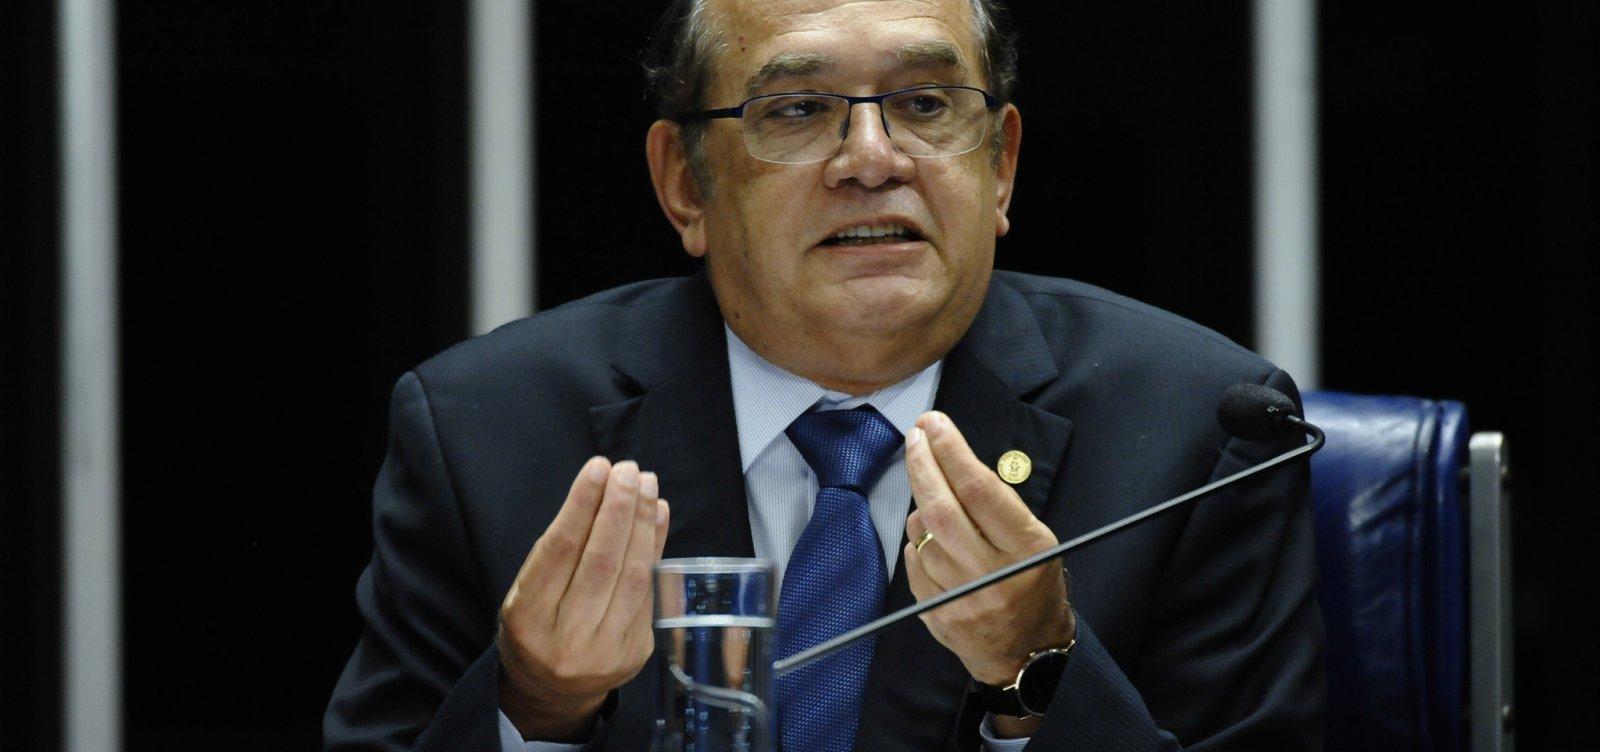 [Após pedido de Gilmar Mendes, STF vai julgar habeas corpus de Lula]